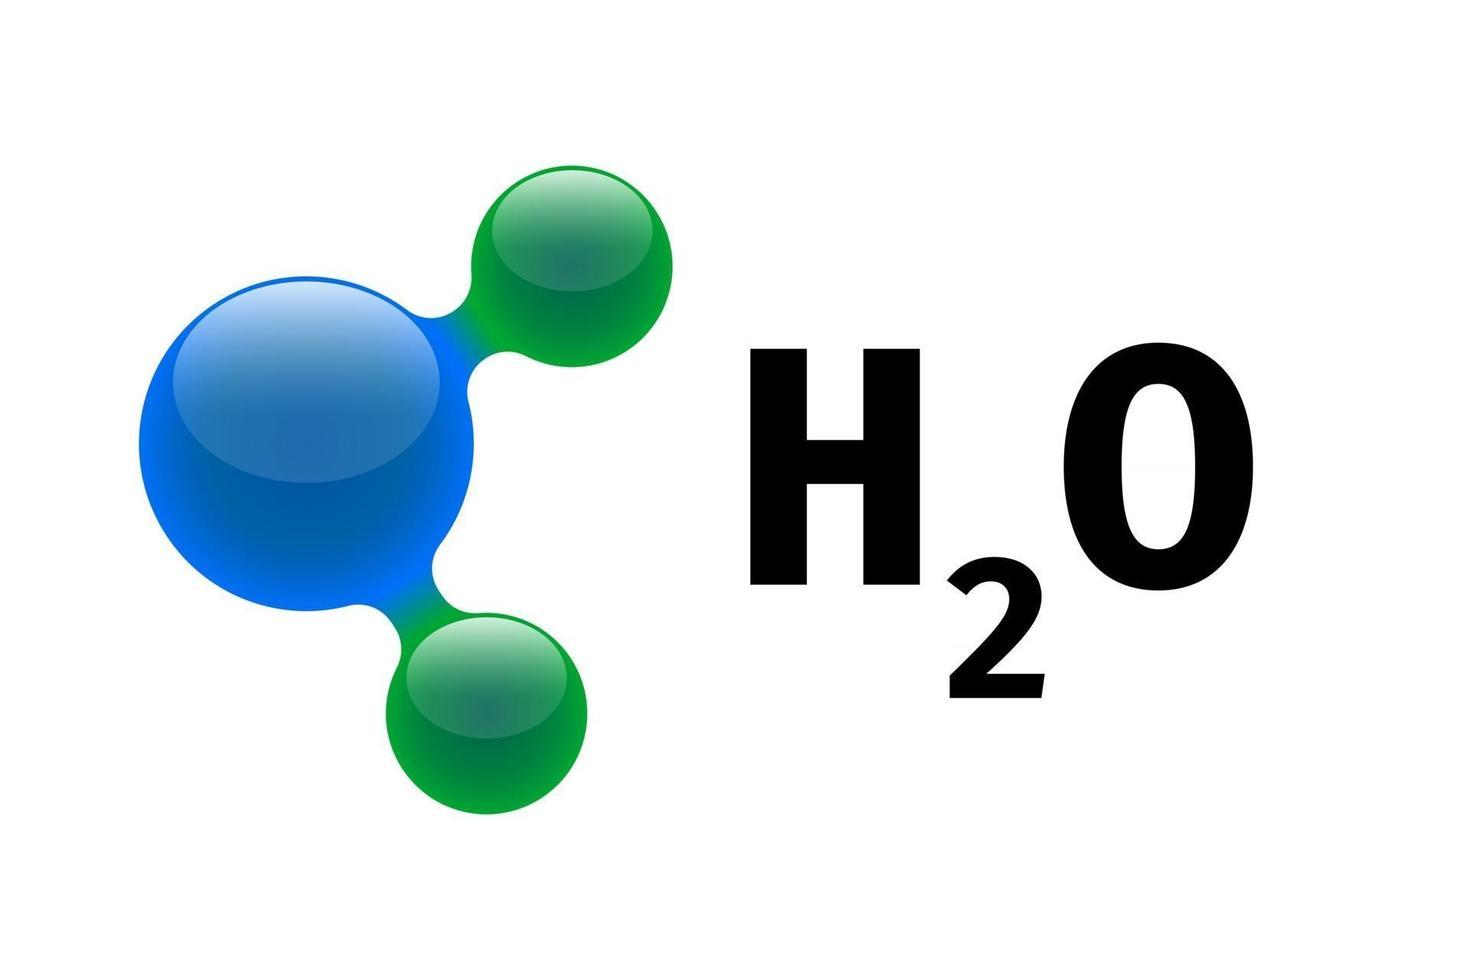 [생활 속 원소 이야기 1] 화학식의 알파벳과 숫자는 무슨 뜻일까?